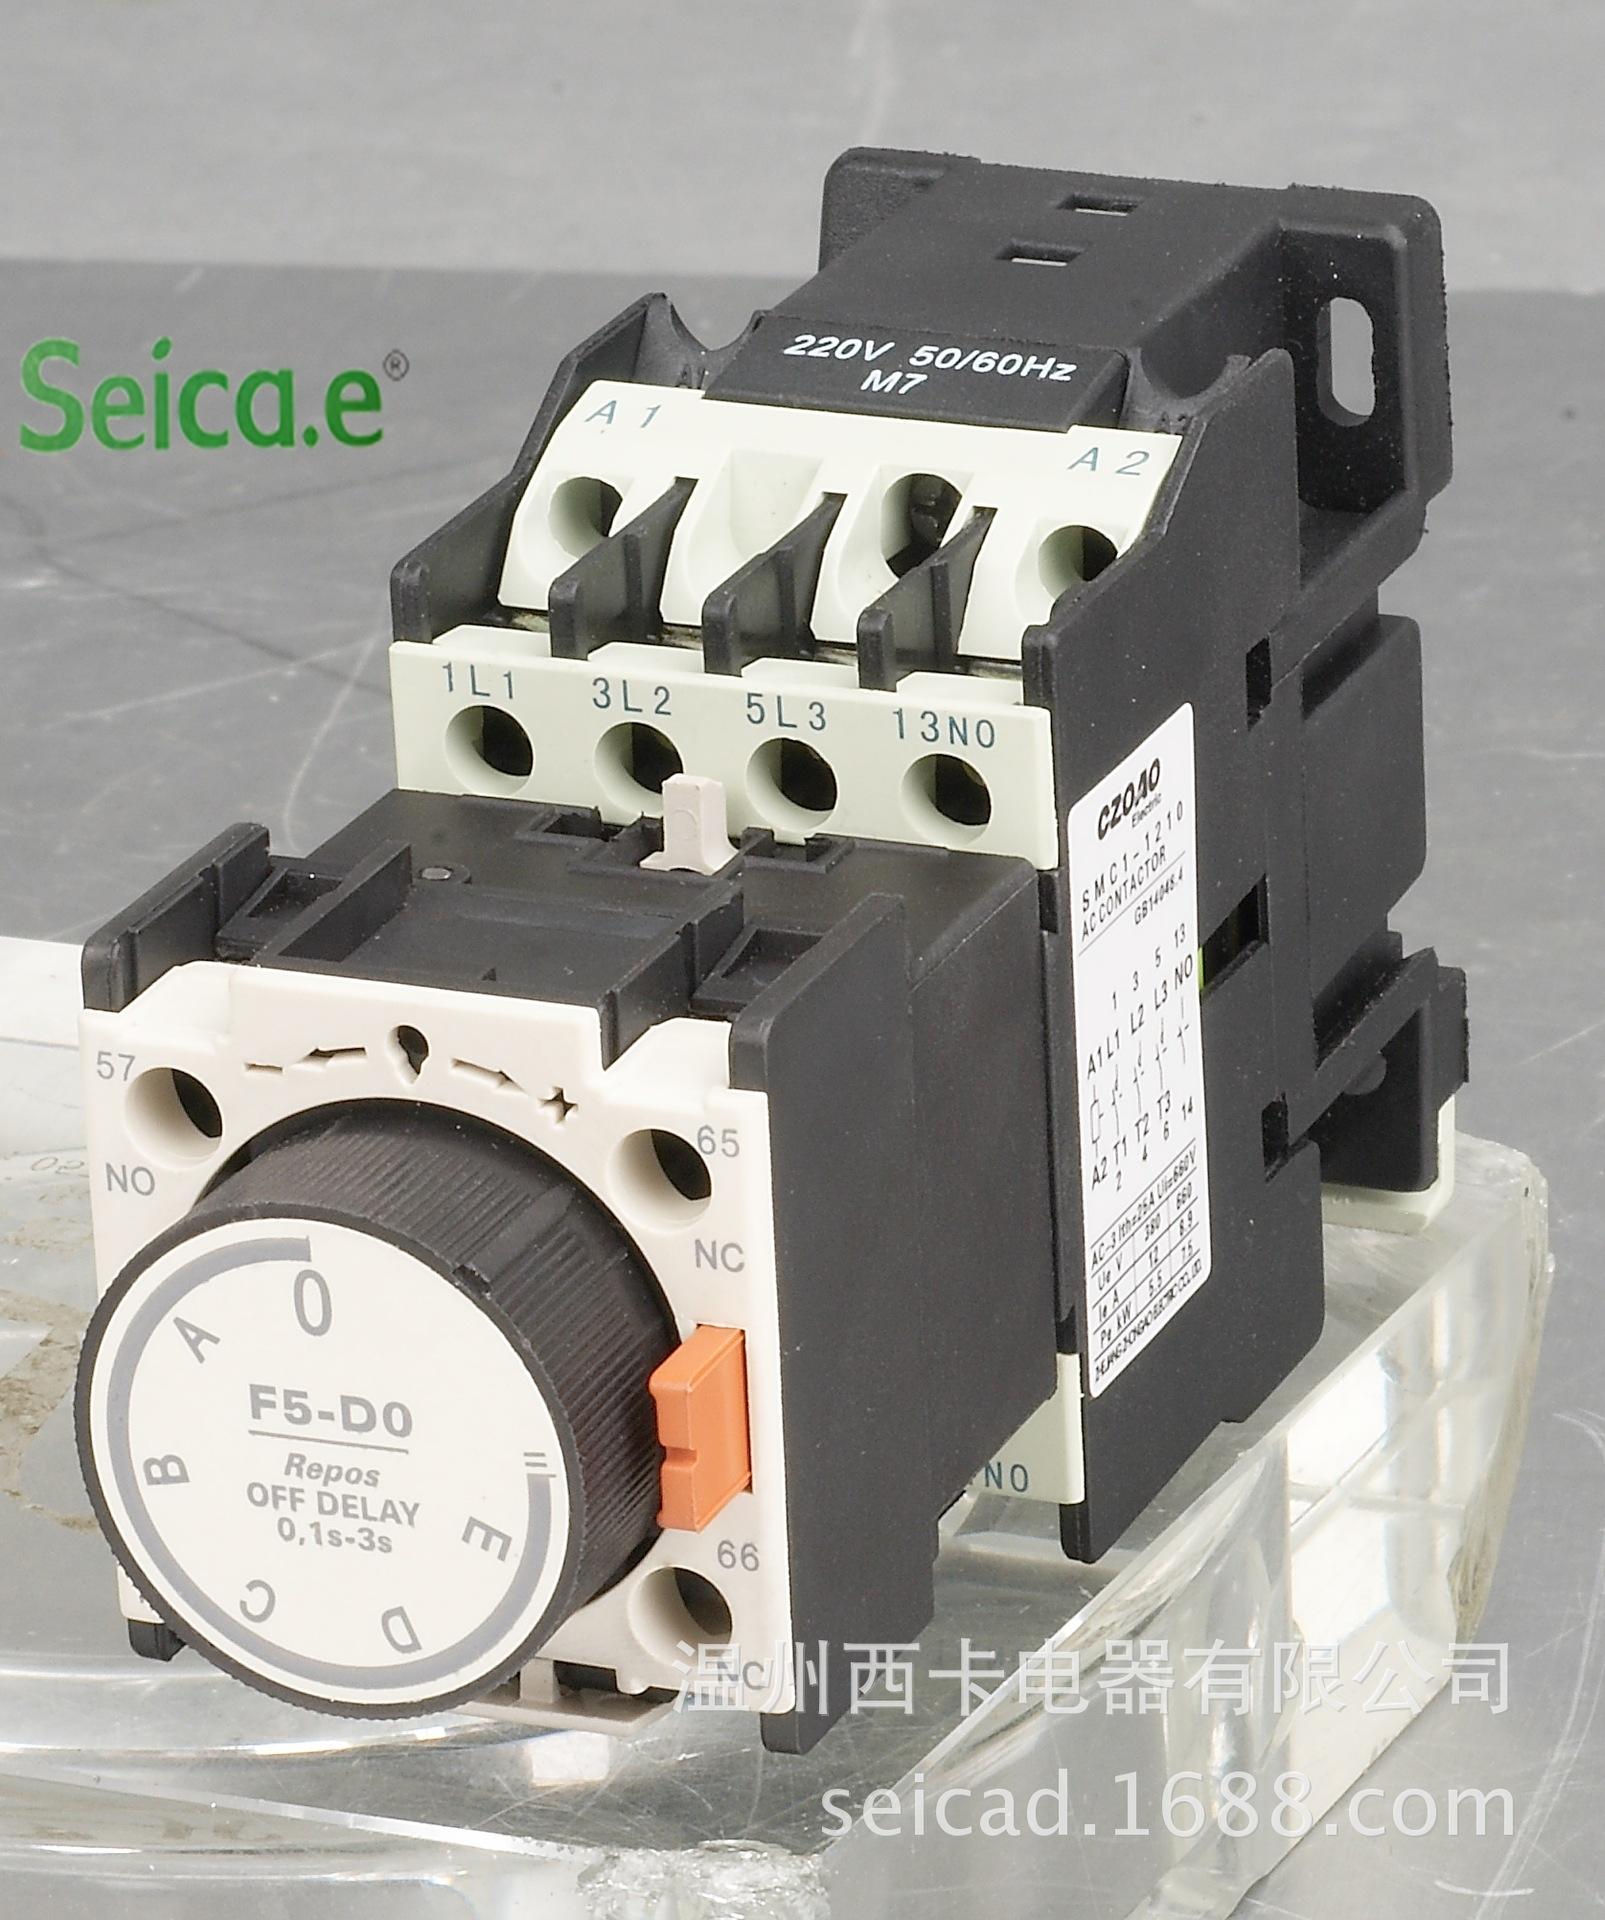 温州西卡电器有限公司多年来专注生产专业生产断路器(MCB MCCB ELCB RCCB) ,接触器(LC1-D,LC1-F,3TF,3TB,DN11 DN22),美式空调接触器.磁力起动器(LE1 LED ADS ),继电器(LR2 LR1 LRD 3UA GTH),接线端子等产品,现为能够更好更快的为客户们提供优质服务,加入网络营业服务。   温州西卡电器有限公司位于风景秀丽,环境优美的浙南沿海,温州乐清北白象镇,是一家专业生产和出口低压电器的企业,面向各地提供我们的优质产品,新品推荐